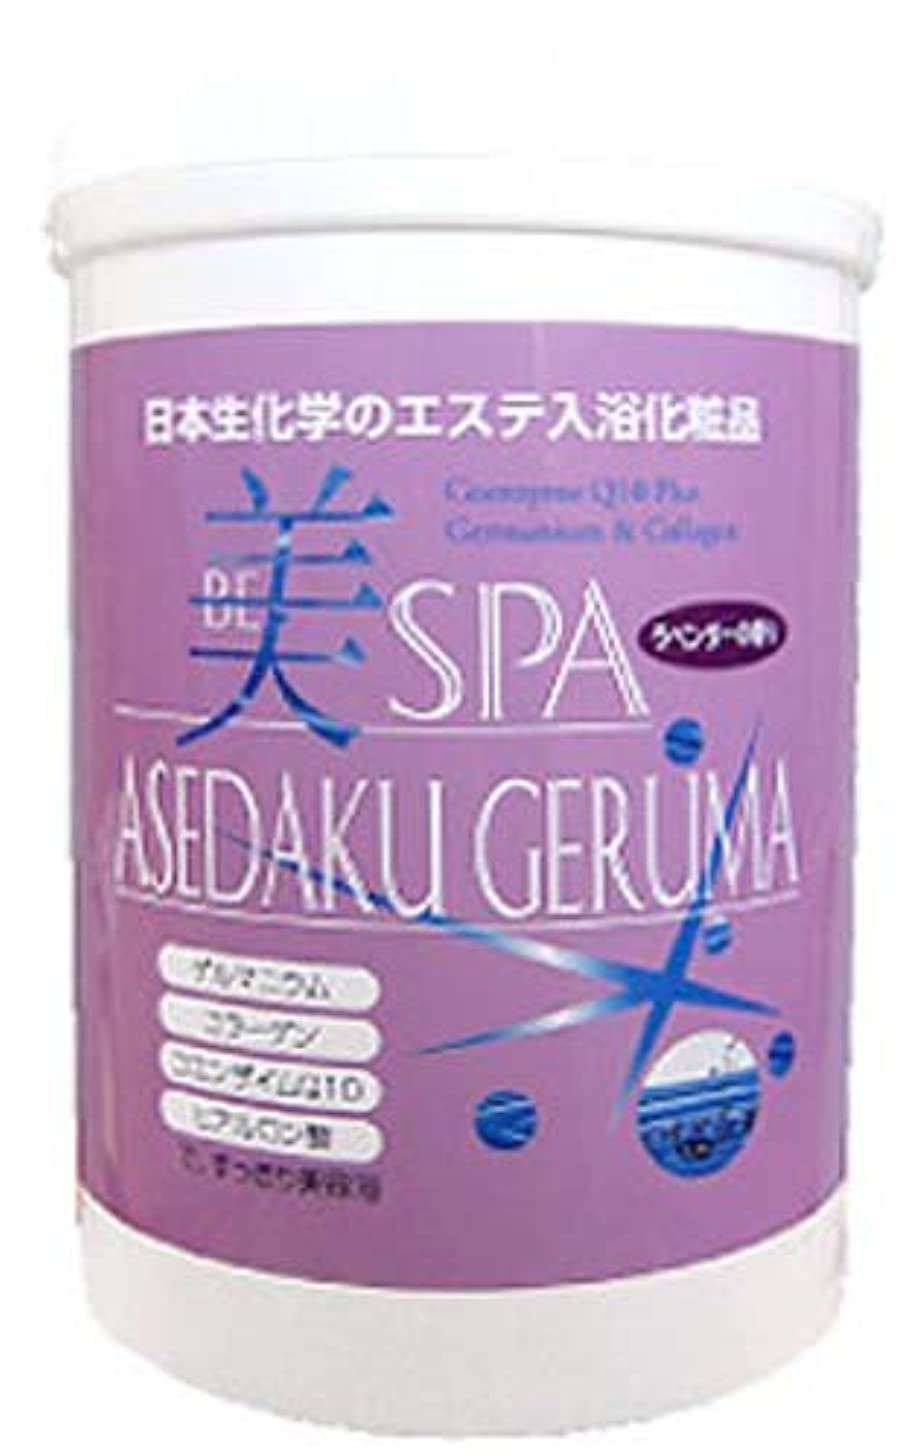 法廷枕霊美SPA ASEDAKU GERUMA ラベンダーの香り 1kg